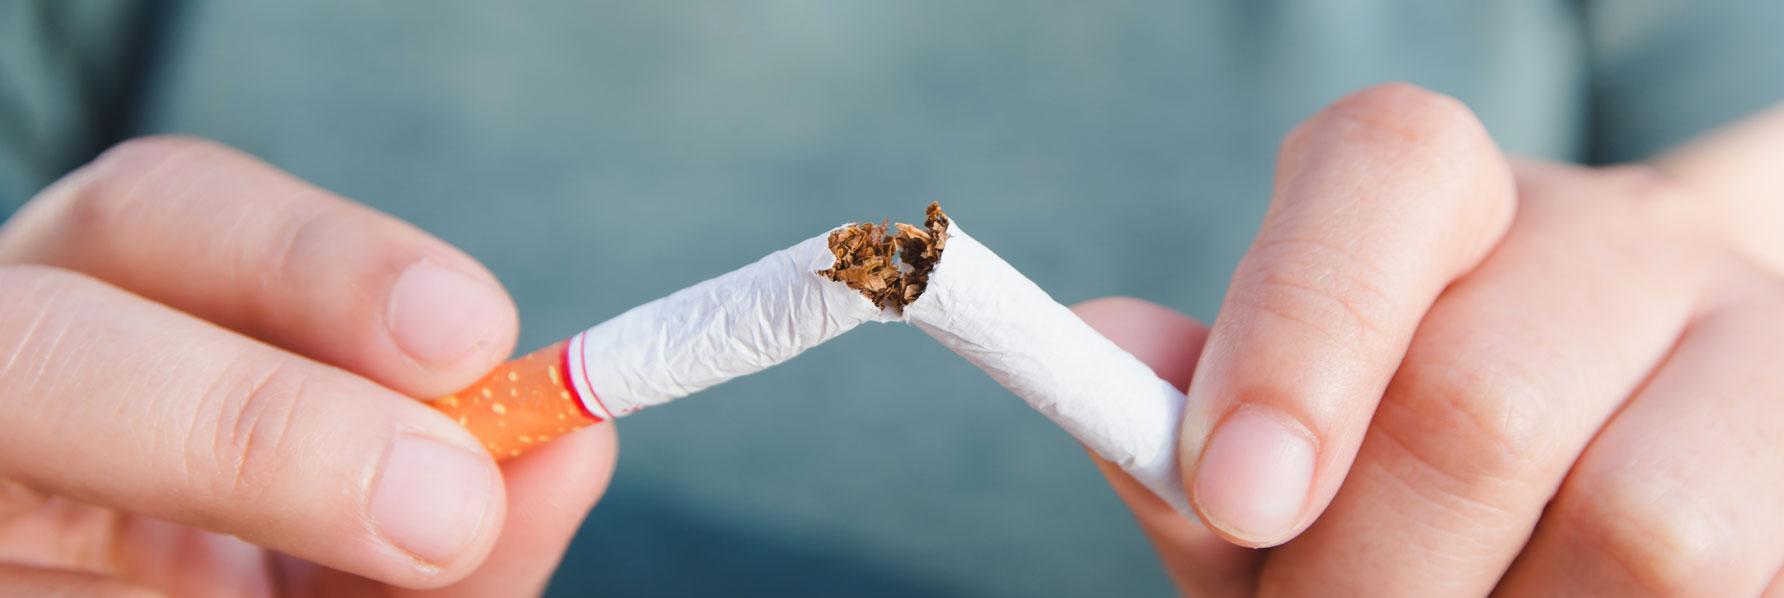 Fumar y lupus: Nunca es demasiado tarde para dejar de fumar